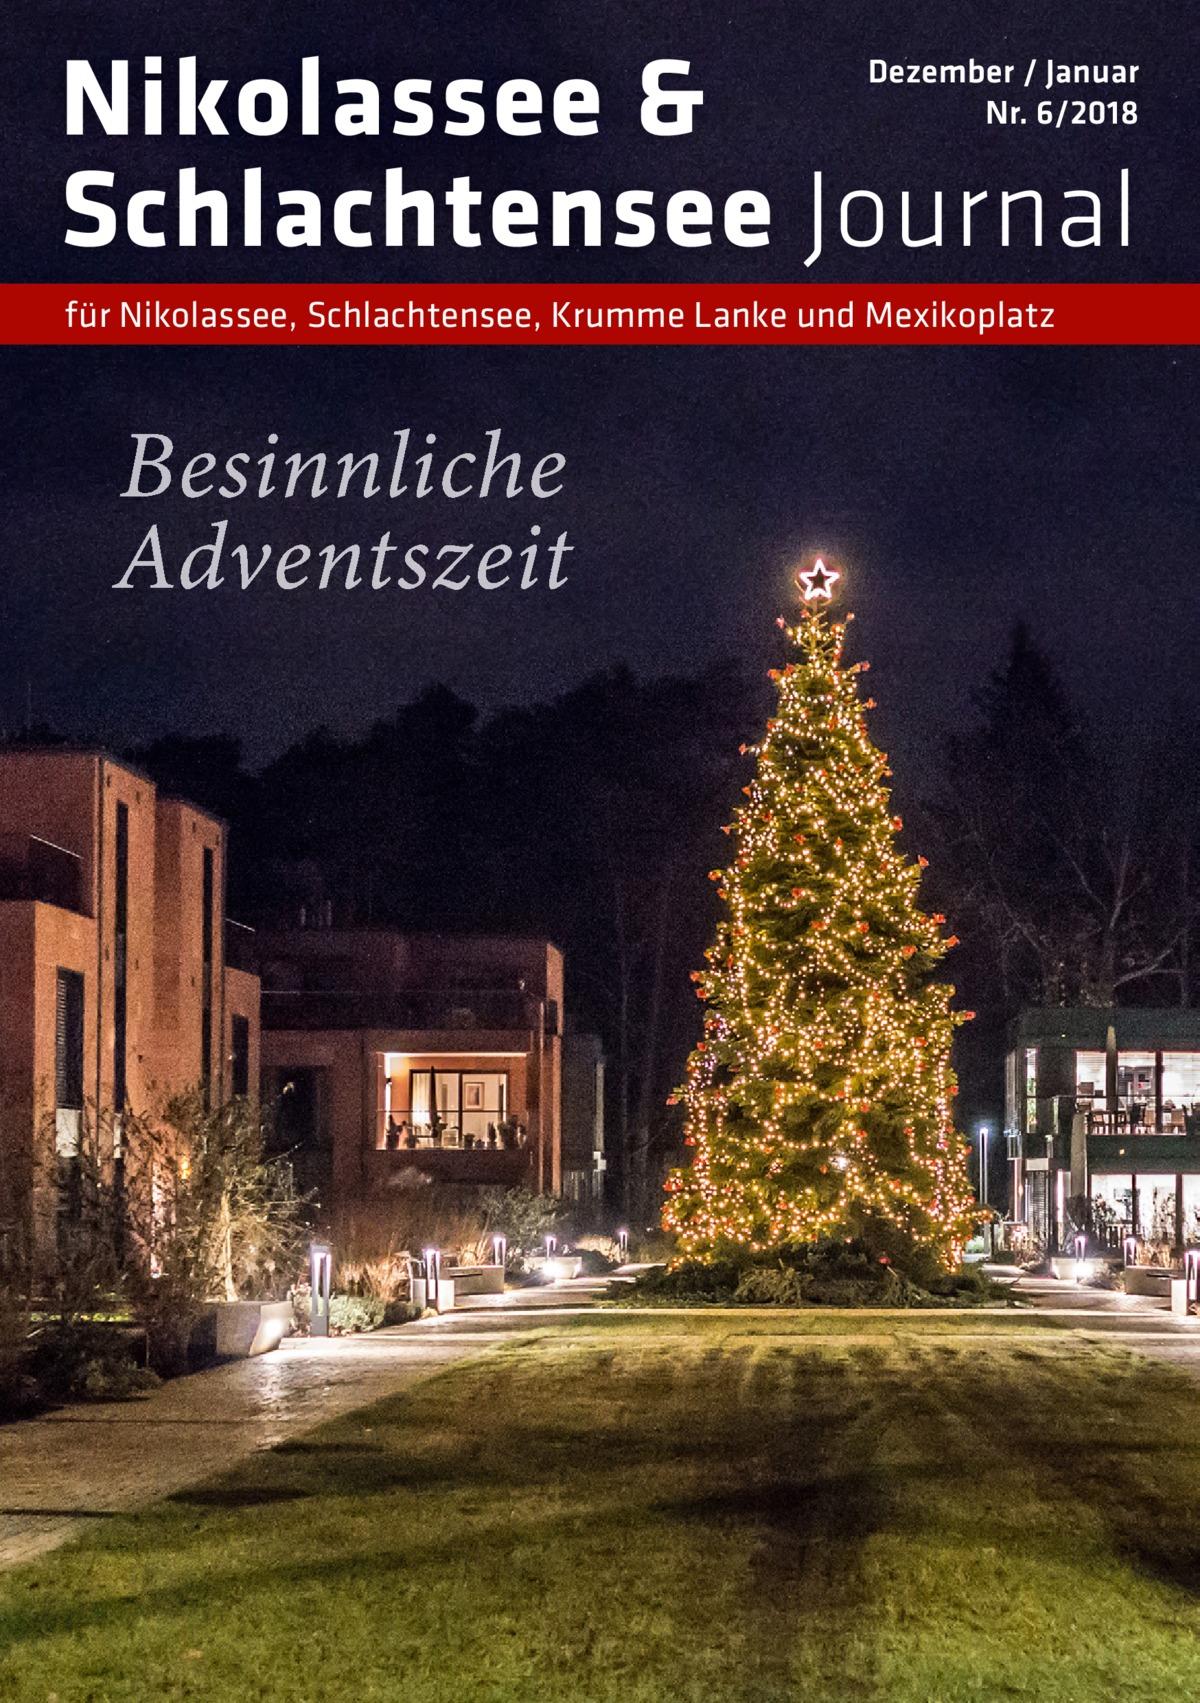 Nikolassee & Schlachtensee Journal  Dezember / Januar Nr. 6/2018  für Nikolassee, Schlachtensee, Krumme Lanke und Mexikoplatz  Besinnliche Adventszeit